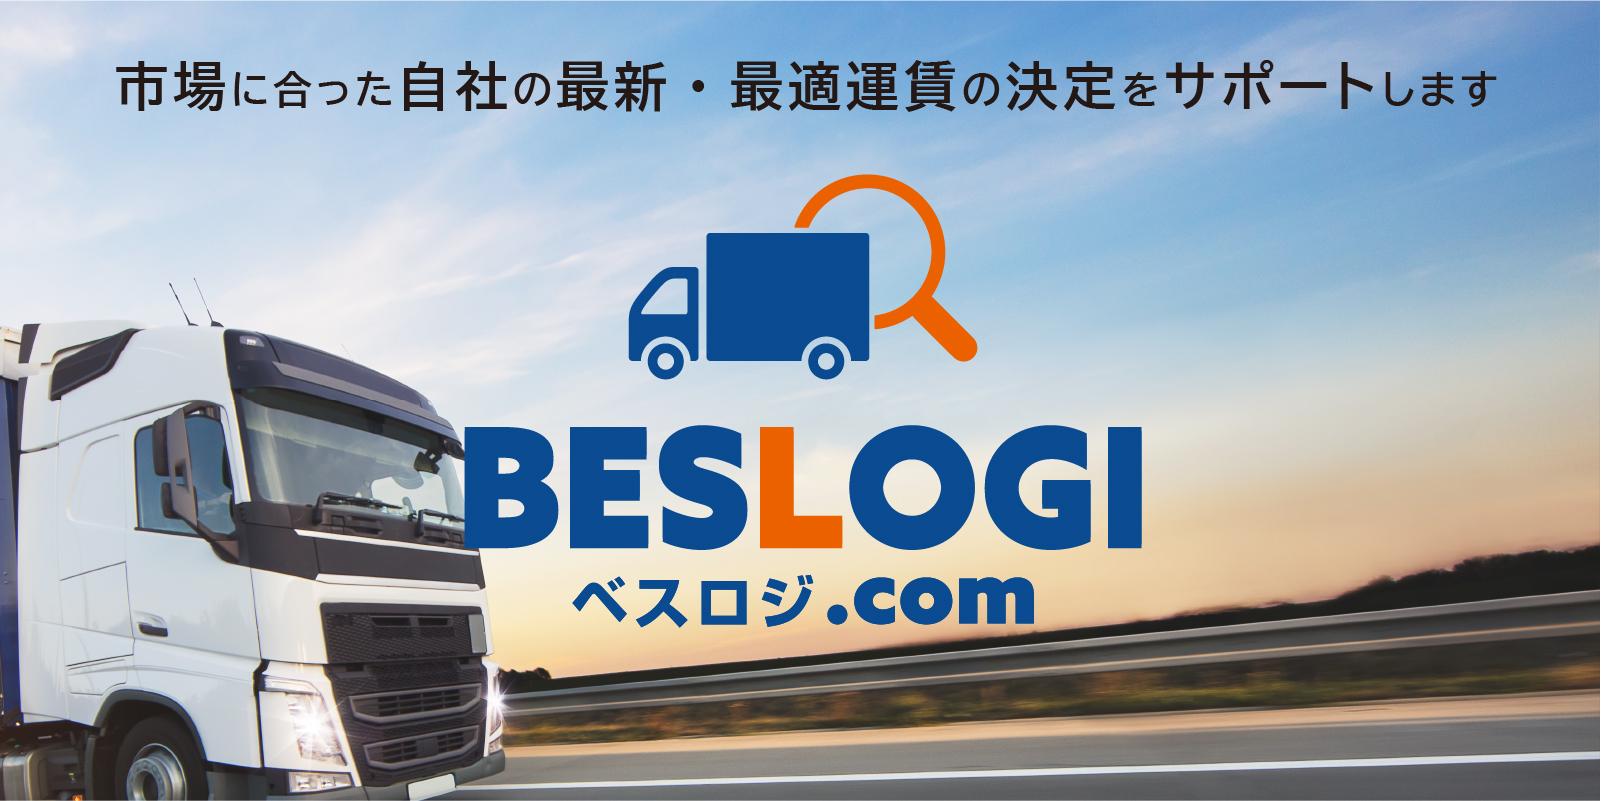 ベスロジ.com